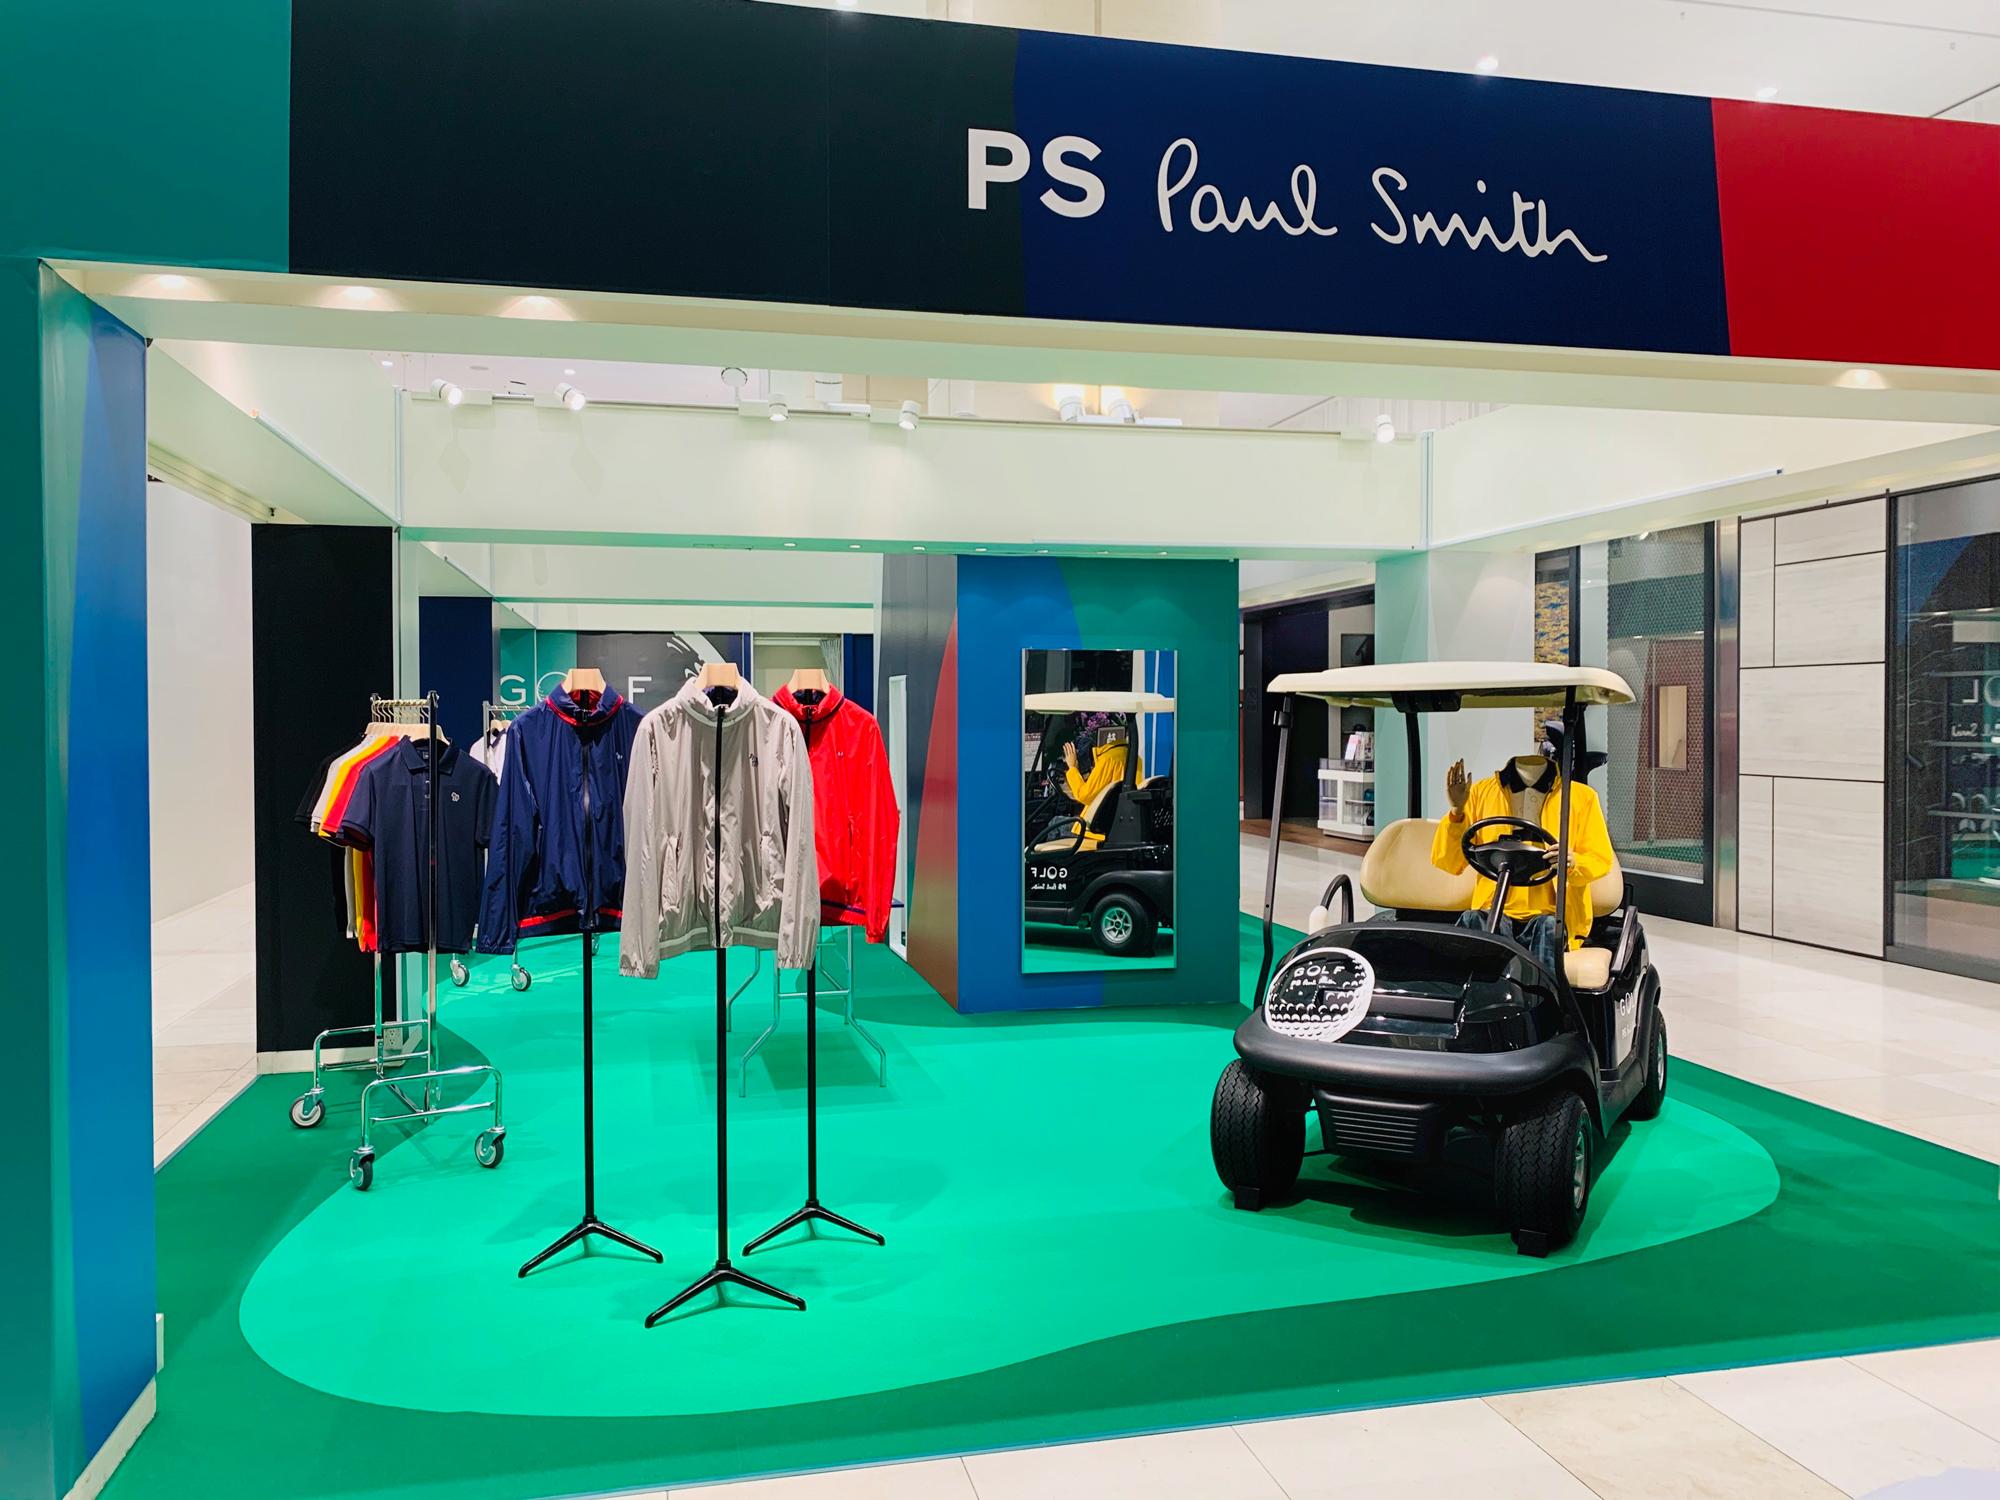 「PS ポール・スミス」のゴルフをテーマにしたカプセルコレクションが発売開始。